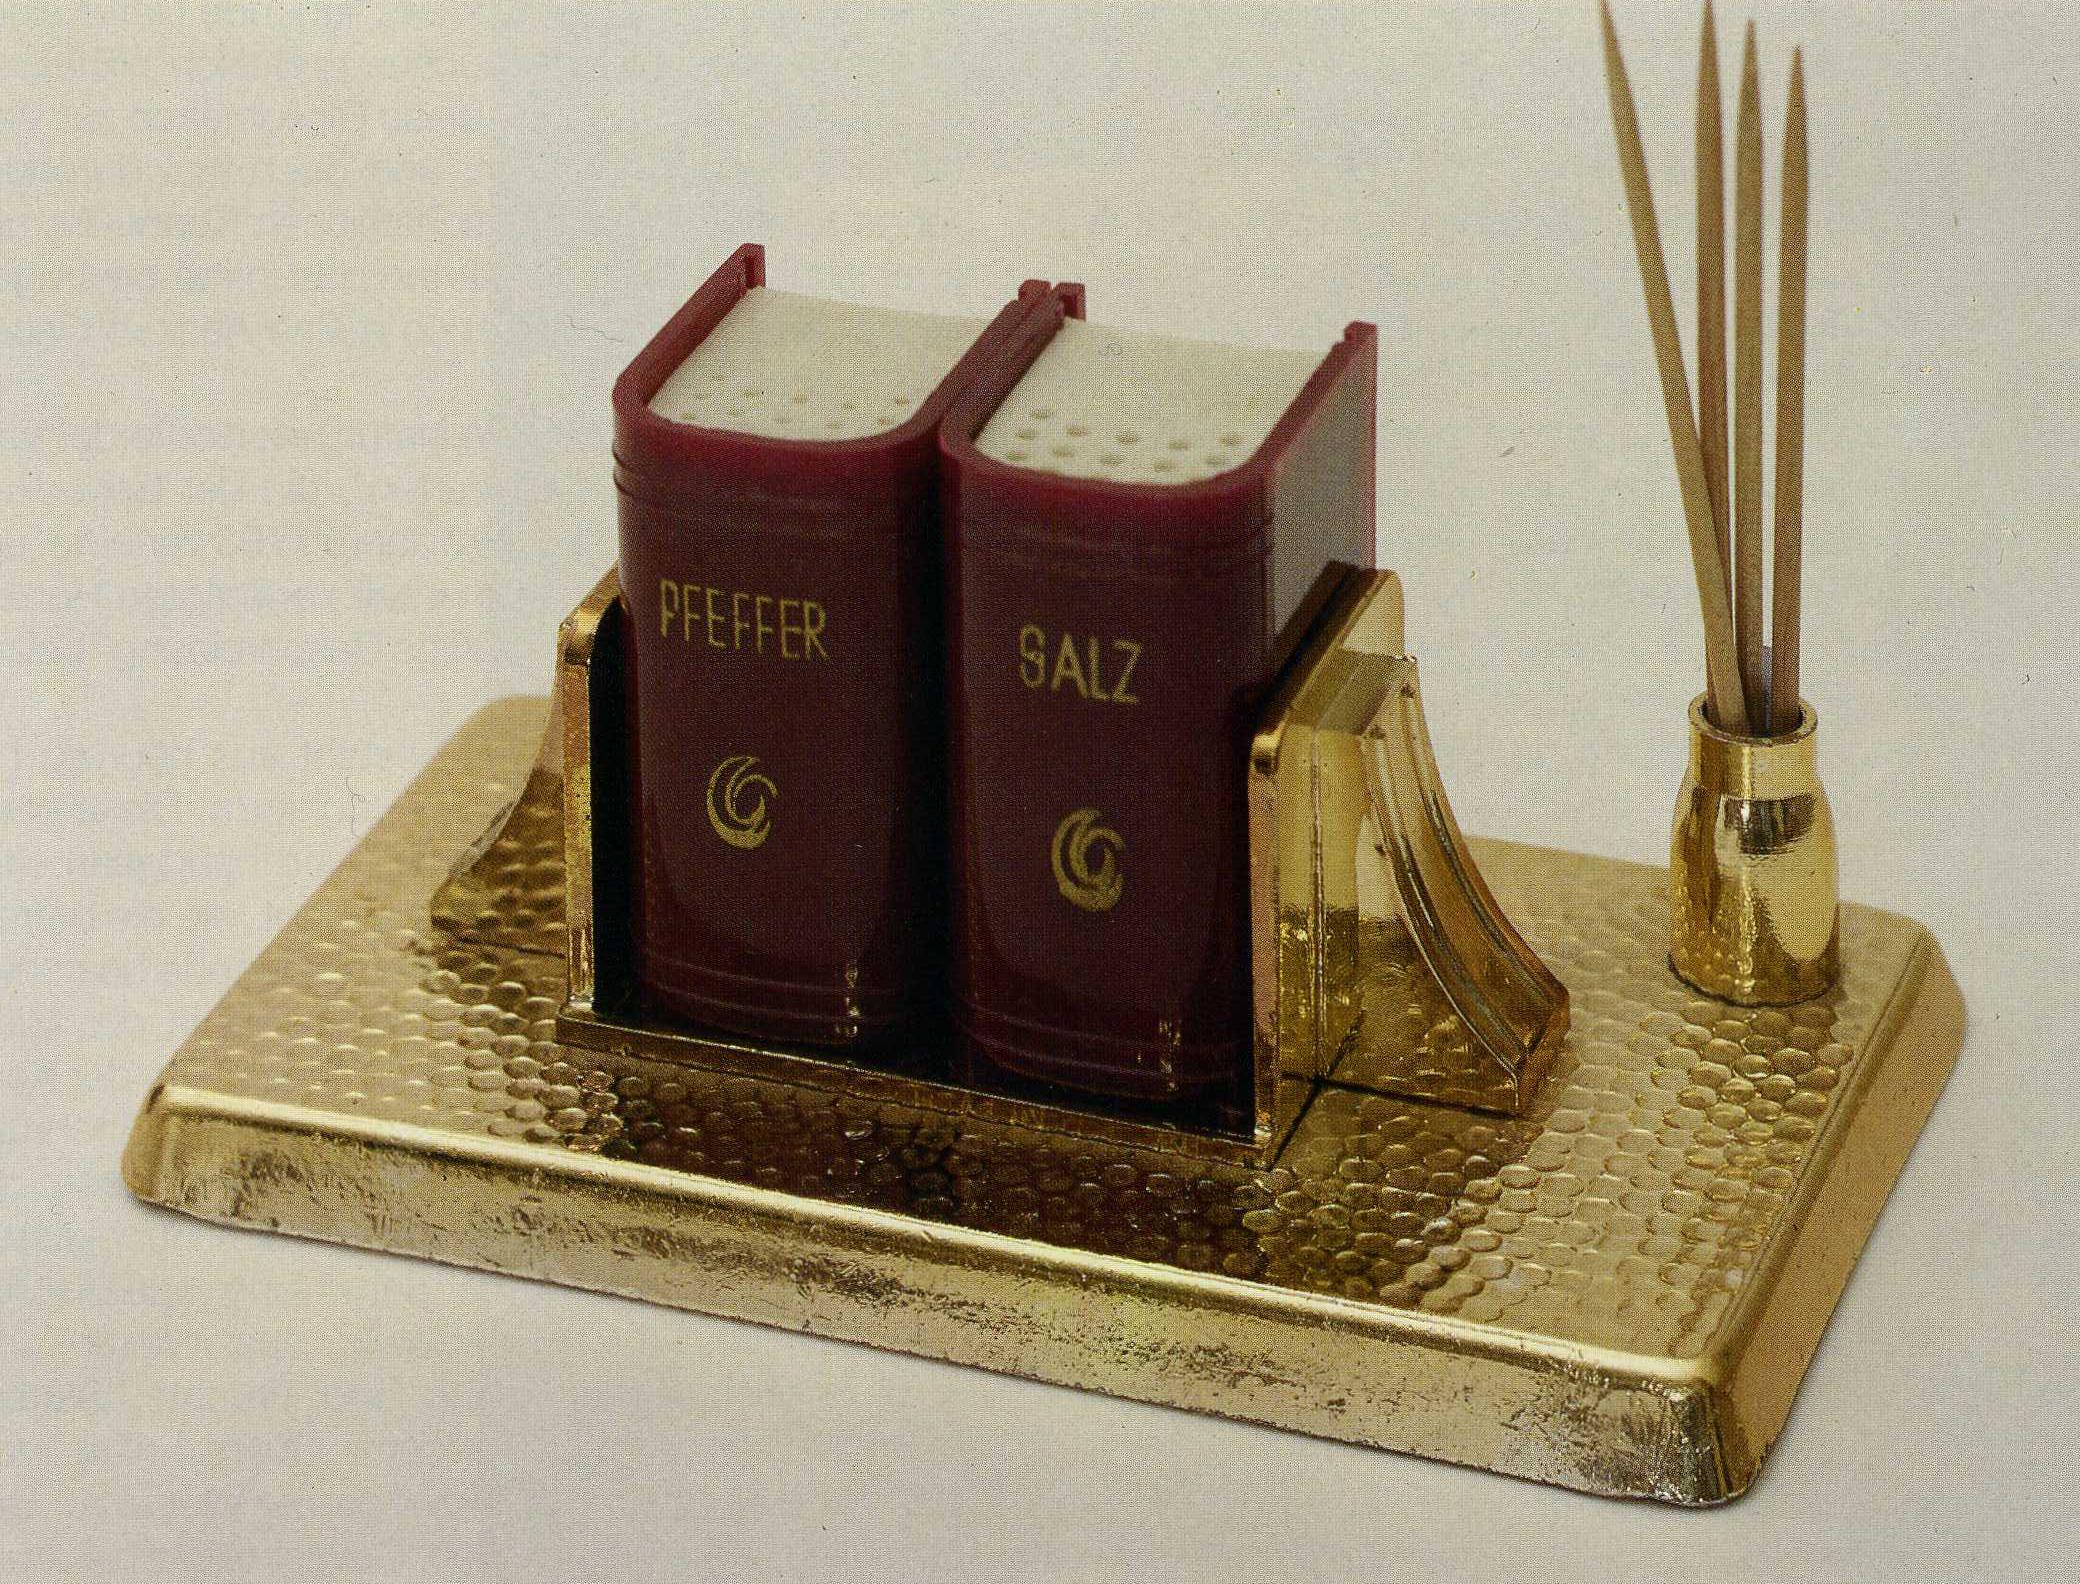 Datei:Buchobjekt Salz Und Pfefferstreuer.jpg